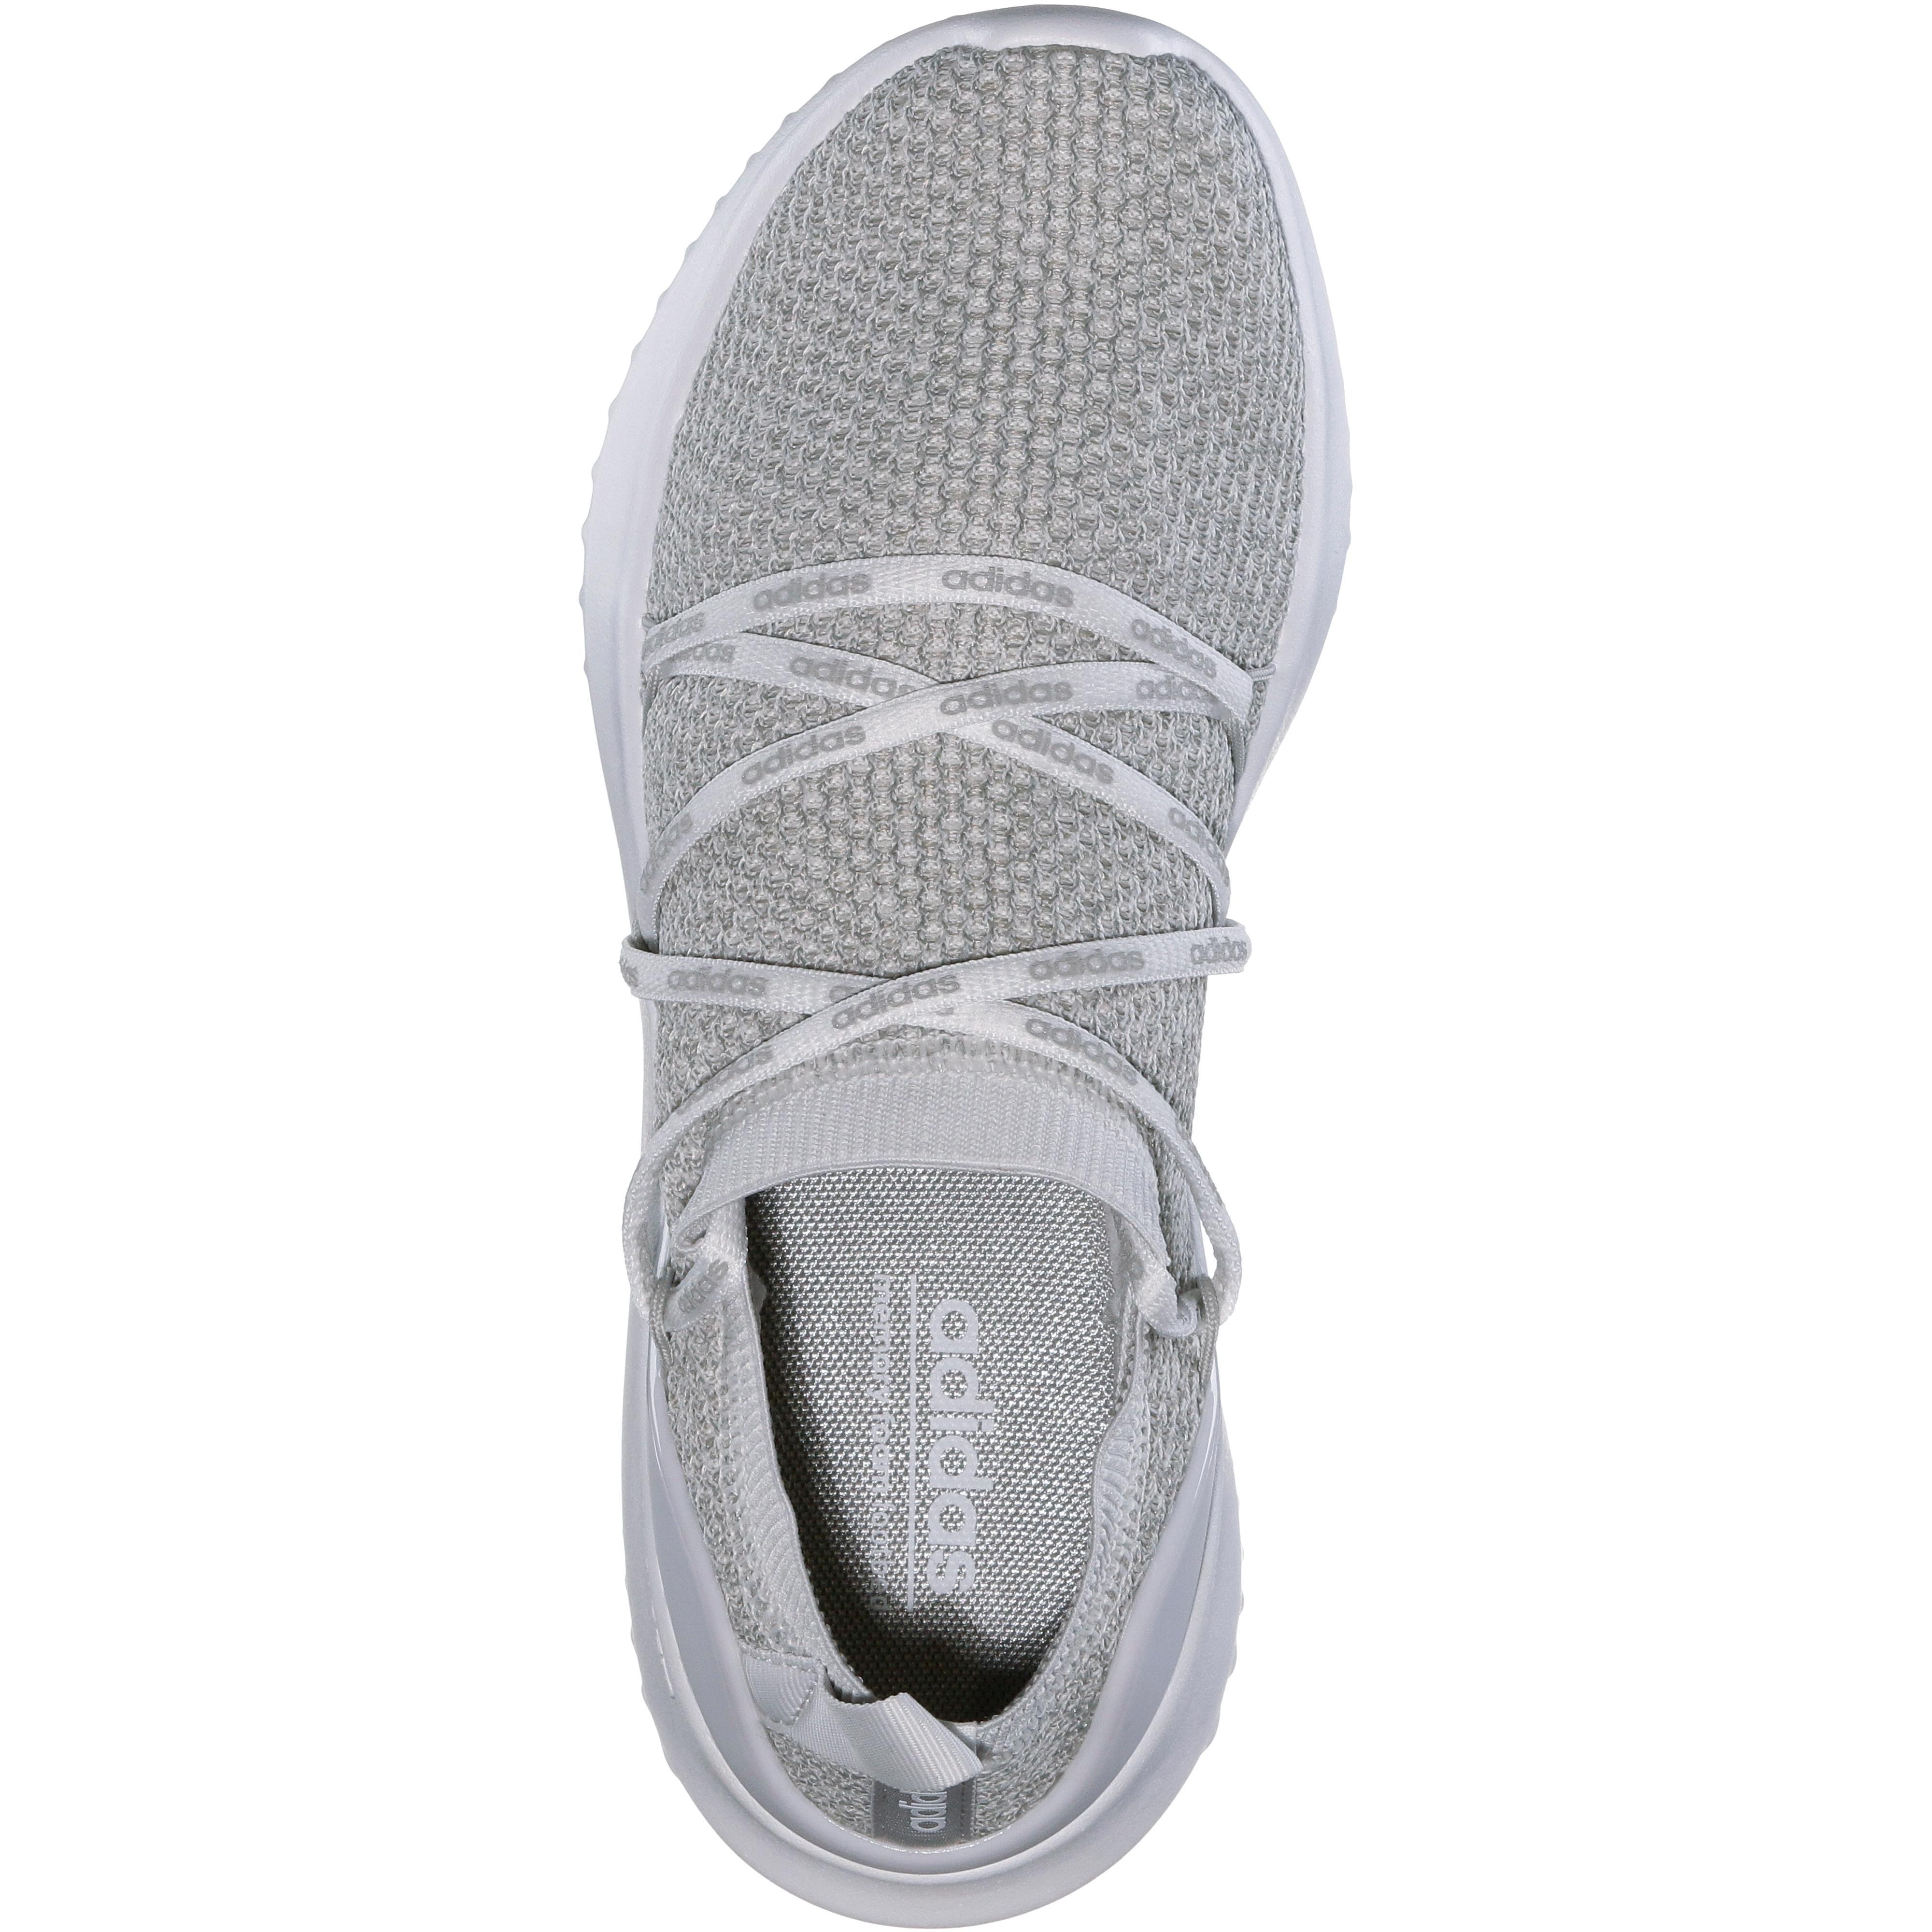 929c3493ba4a ... Adidas ULTIMAMOTION im Turnschuhe Damen ftwr Weiß im ULTIMAMOTION  Online Shop von SportScheck kaufen Gute Qualität ...